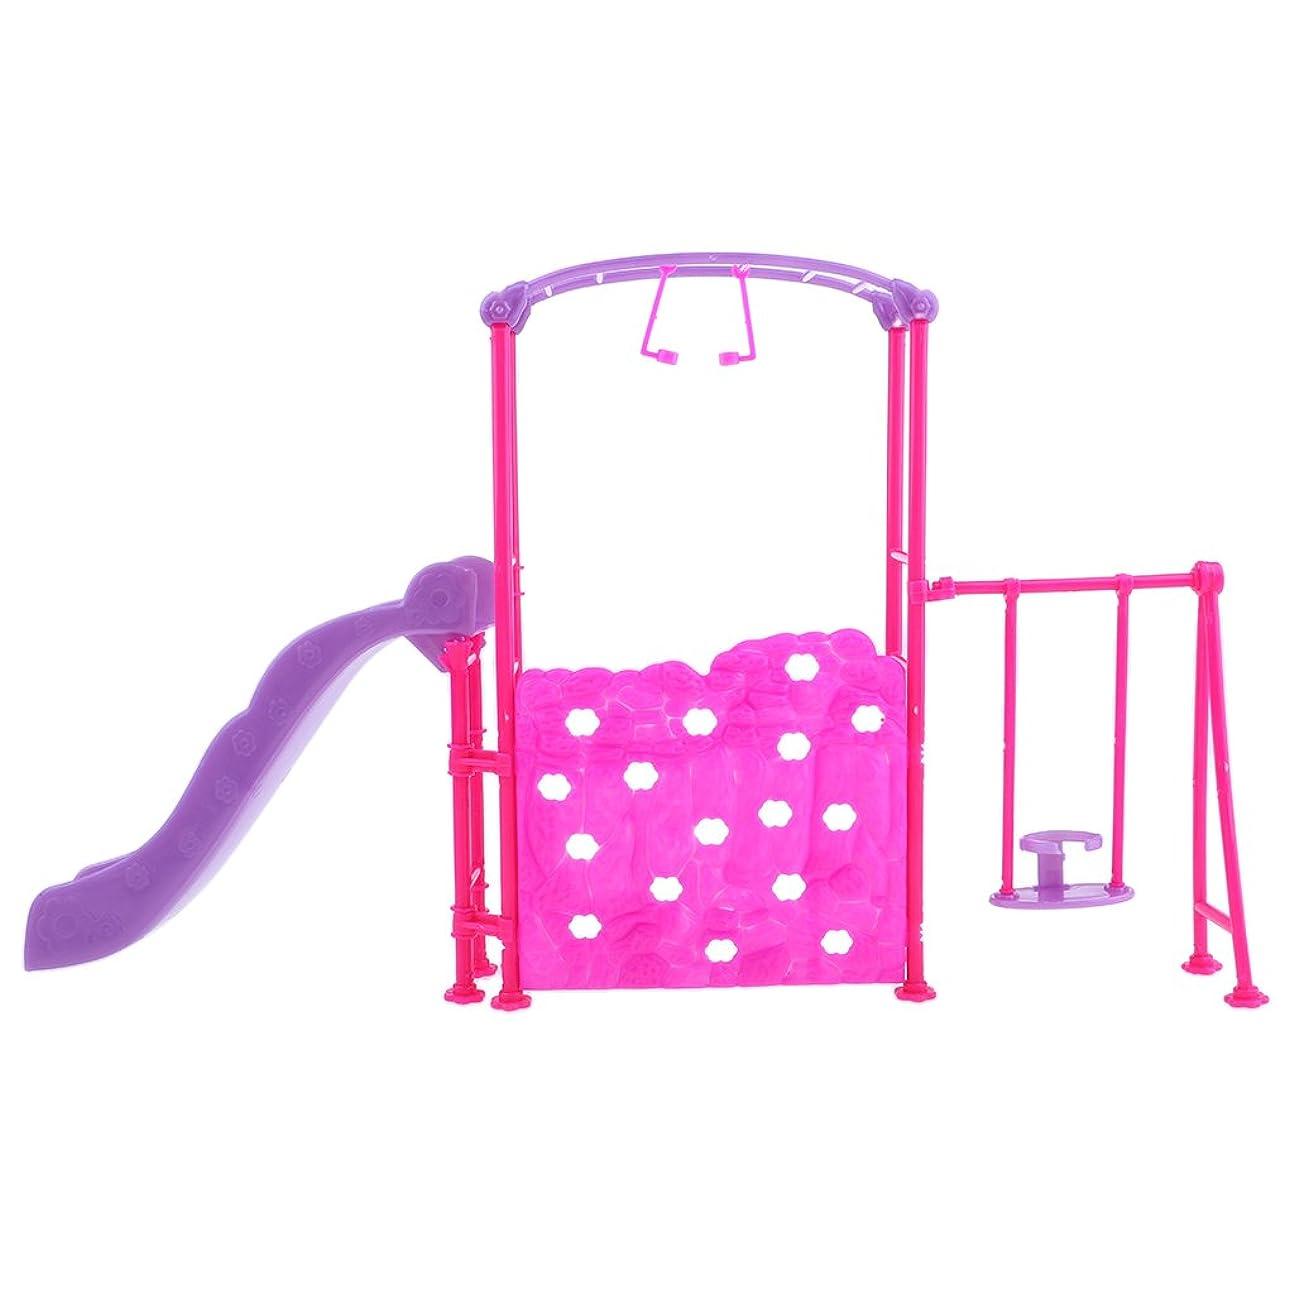 抑圧特殊兄プレイ施設  人形  ドール家具 1/6スケール ドール用   組み立て 遊び場 ハウス飾り